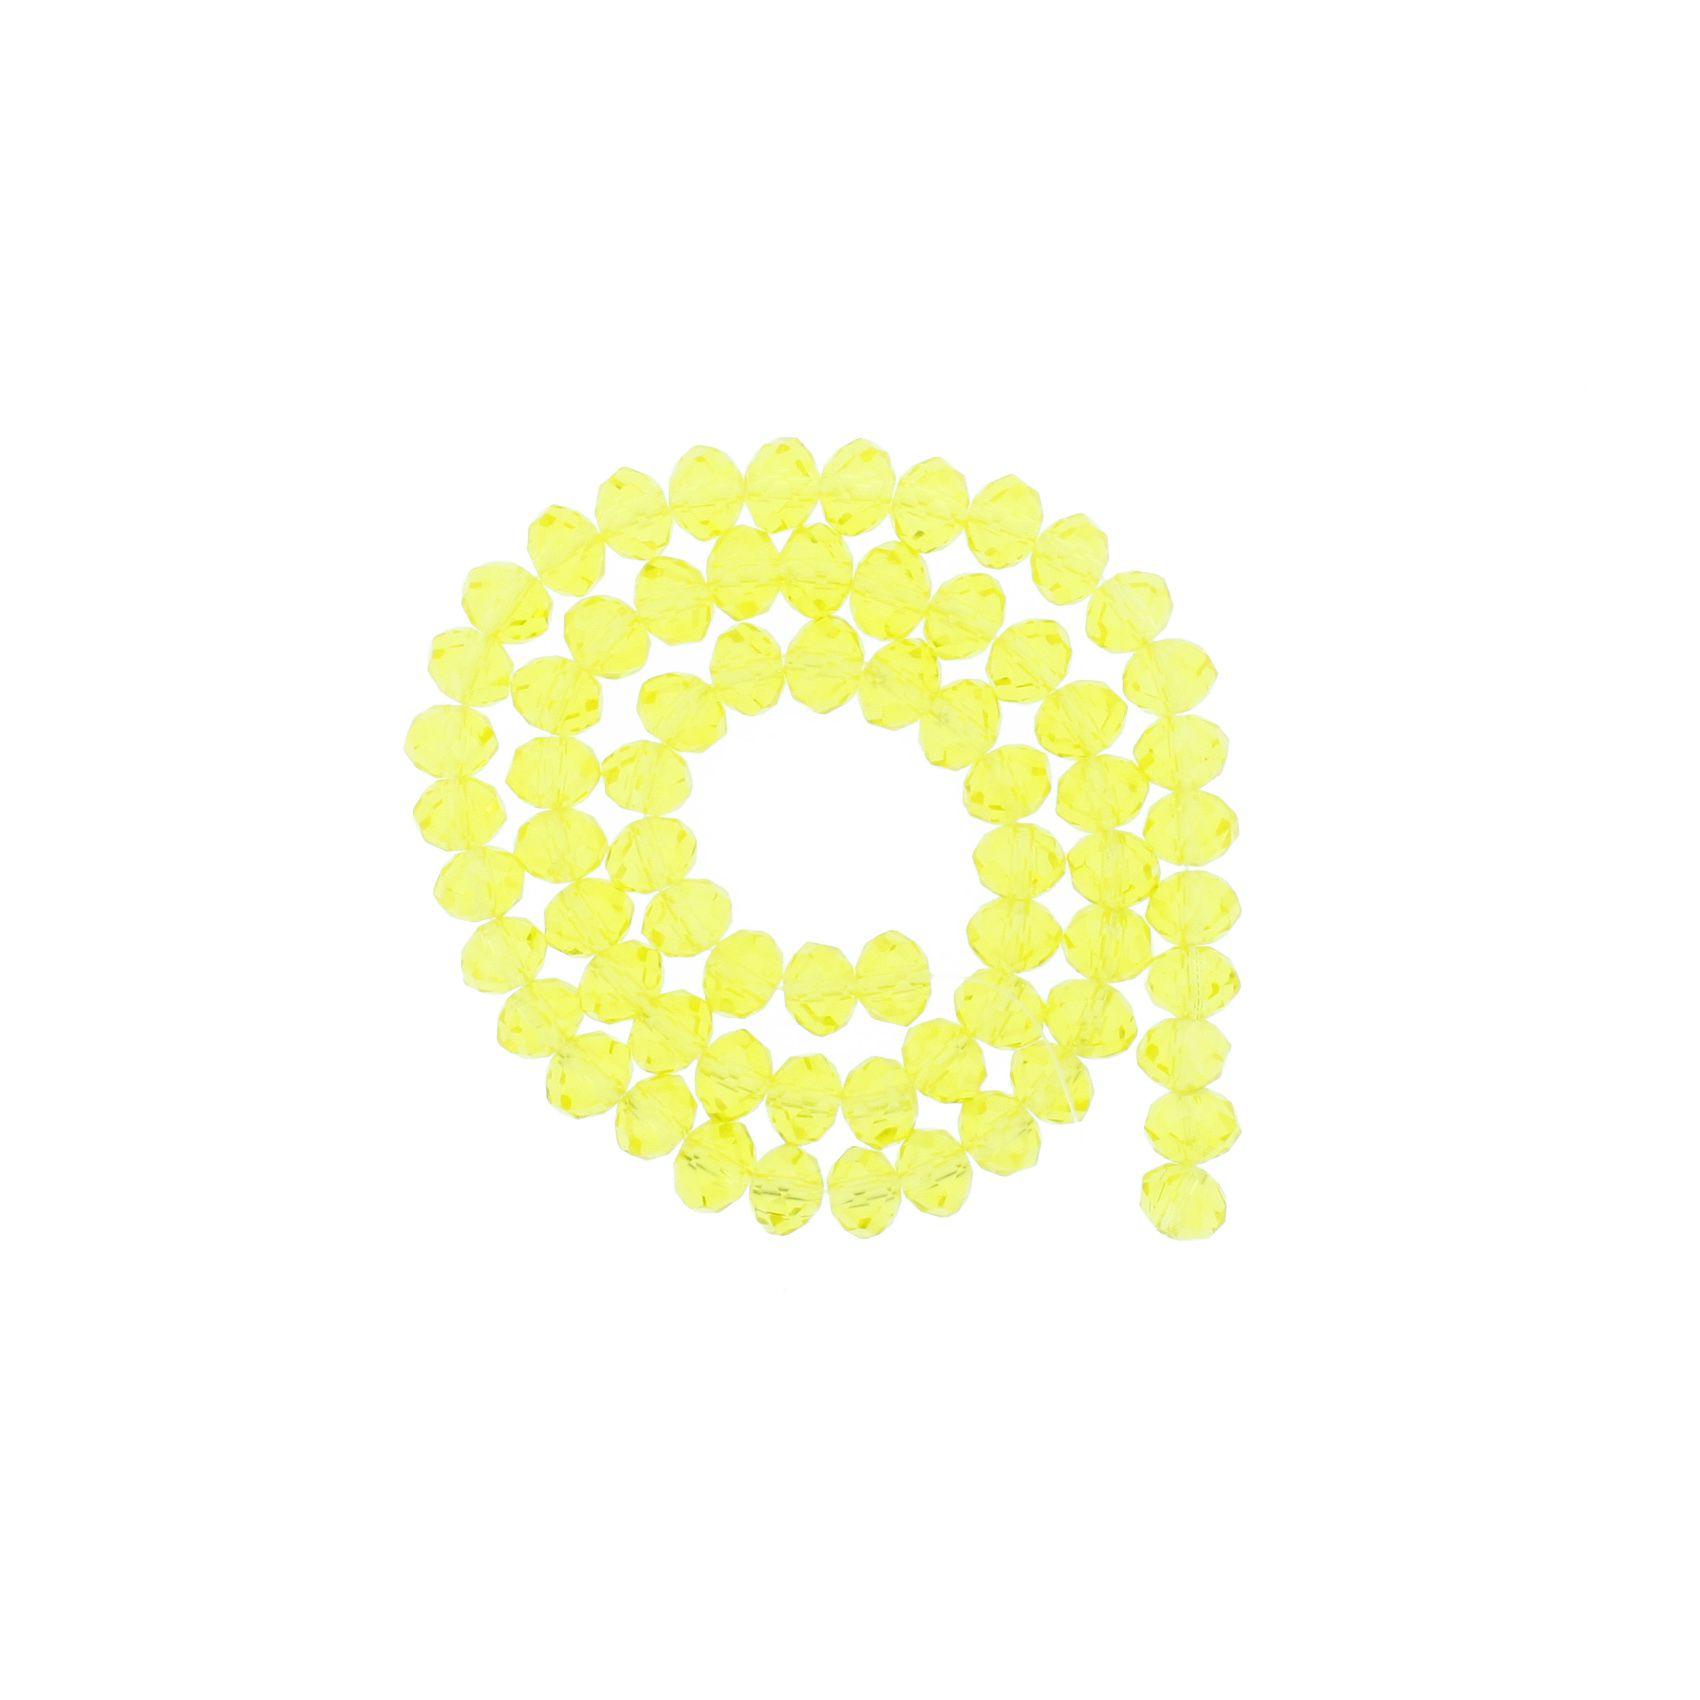 Fio de Cristal - Flat® - Amarelo Claro Transparente - 8mm  - Stéphanie Bijoux® - Peças para Bijuterias e Artesanato